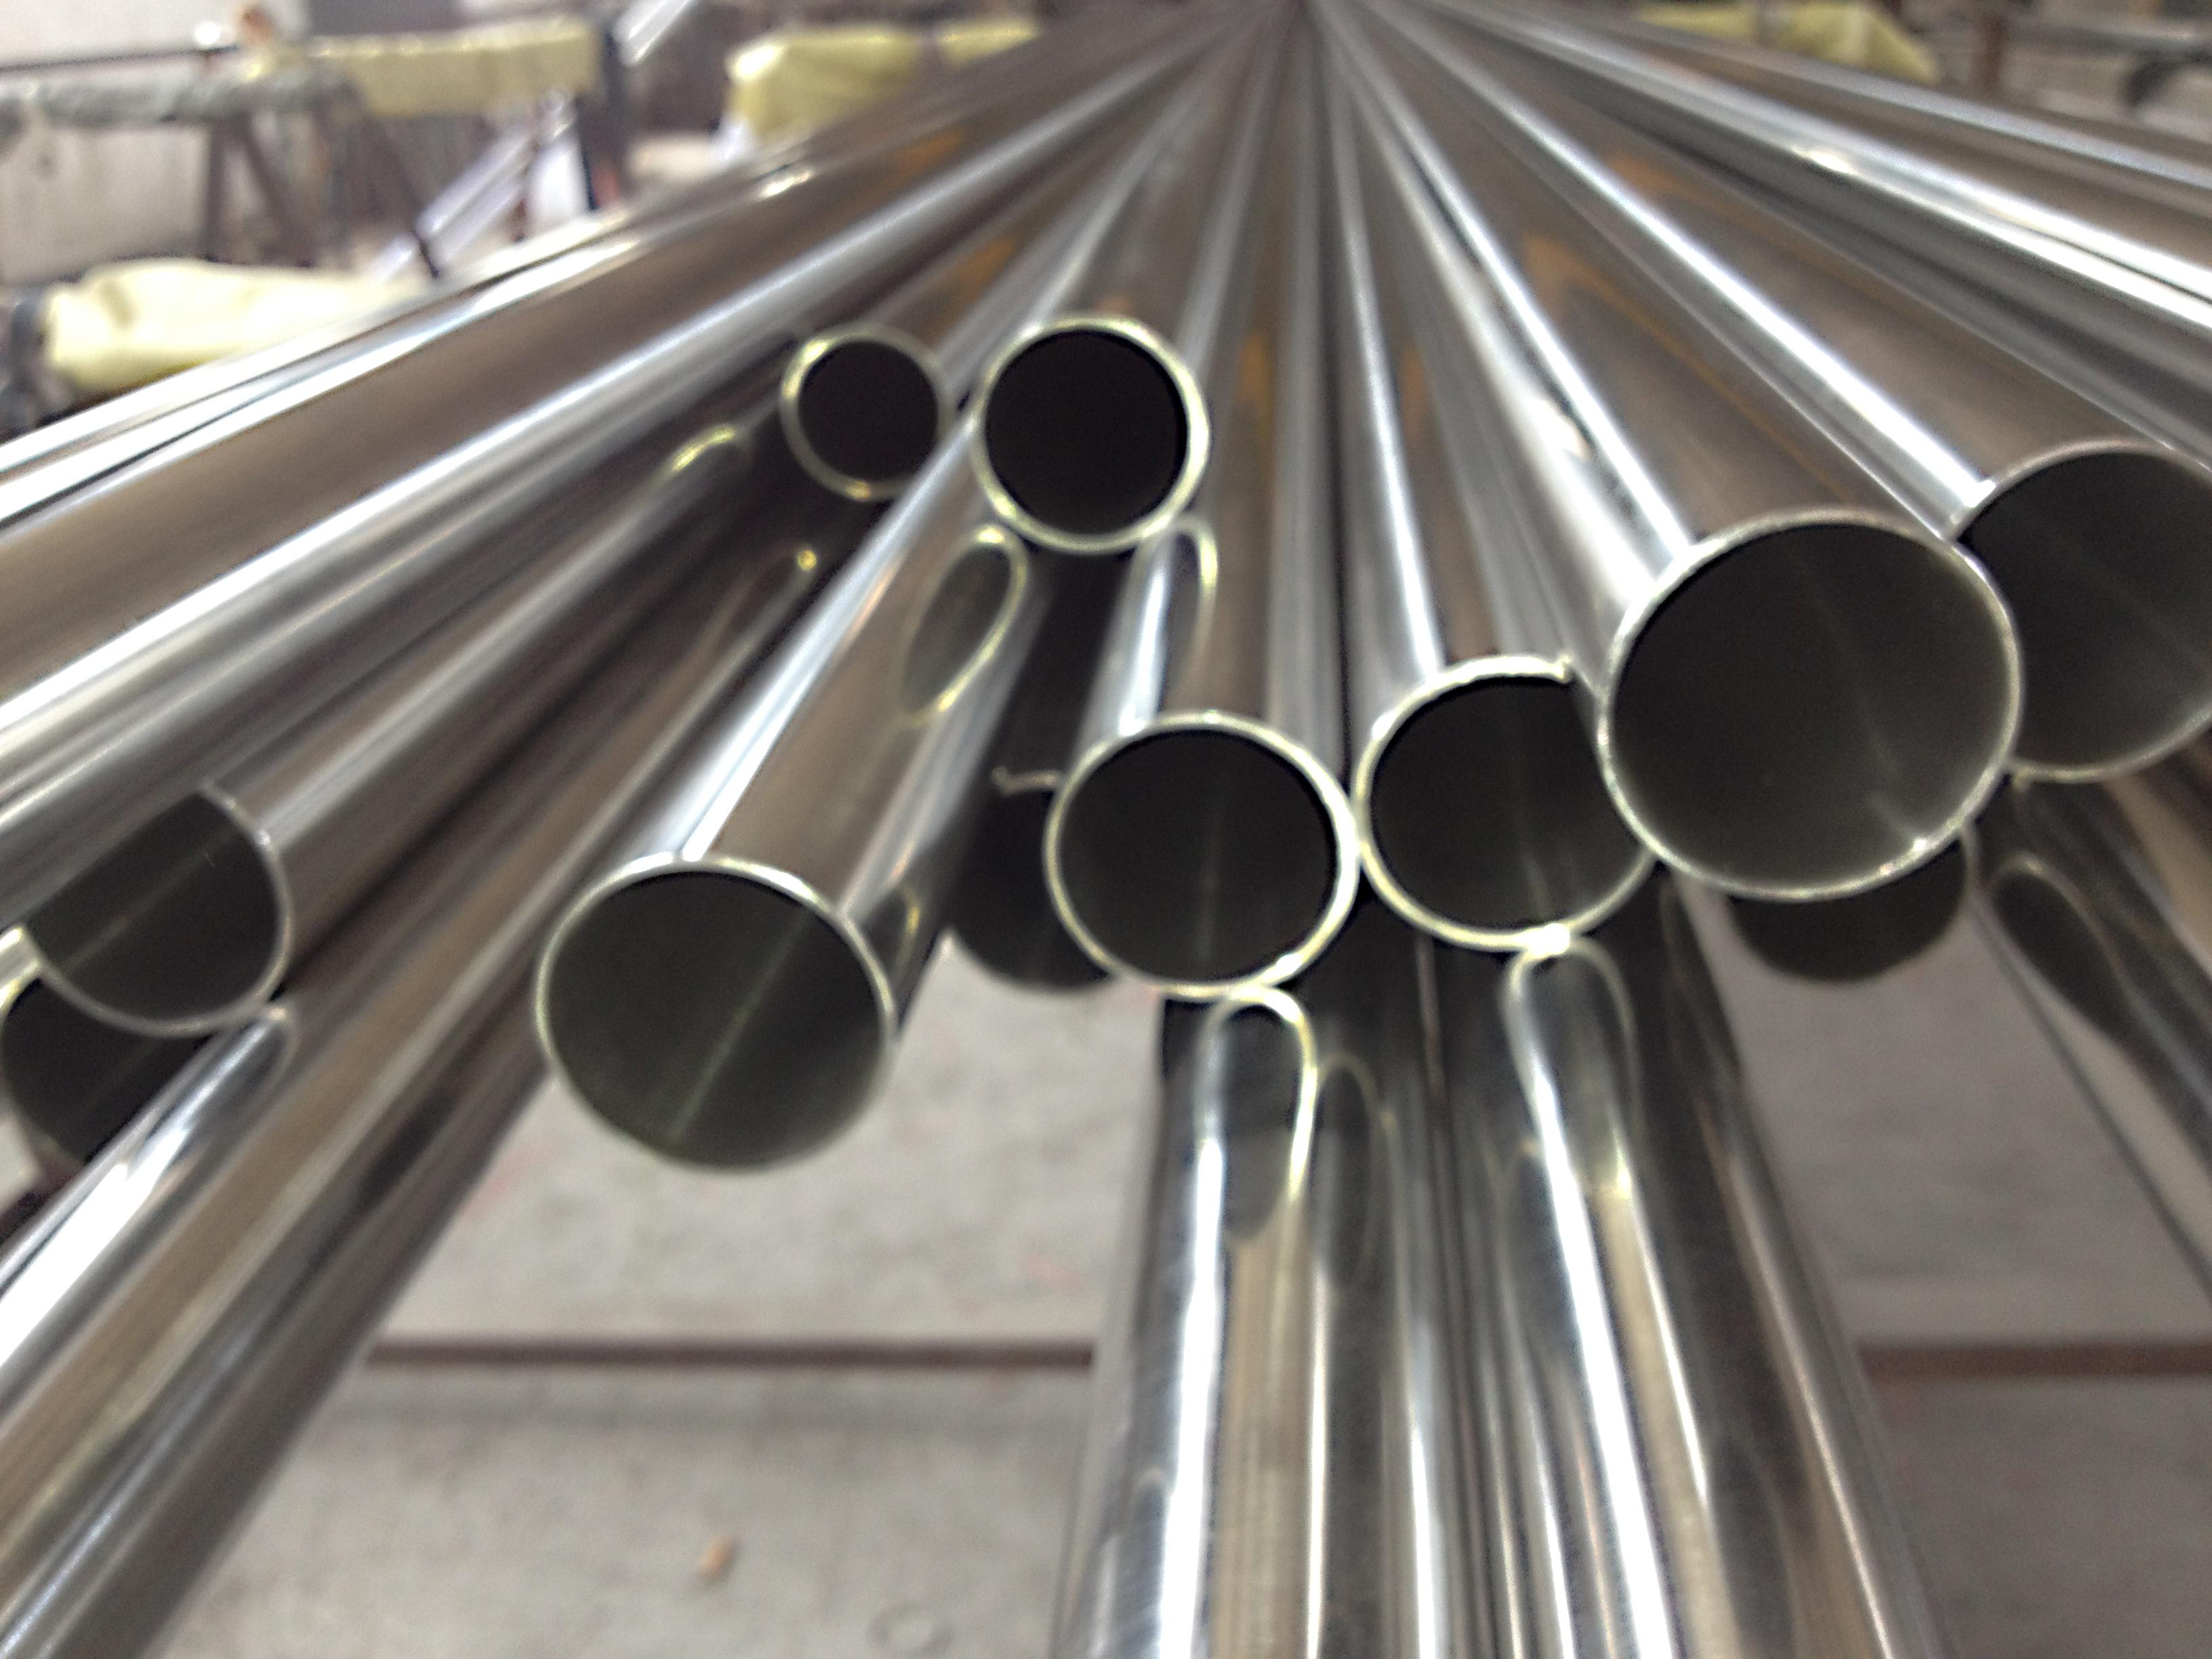 65*2卫生级不锈钢管接受的零件质量并在对质量产生影响之前发现任何变化(图2)